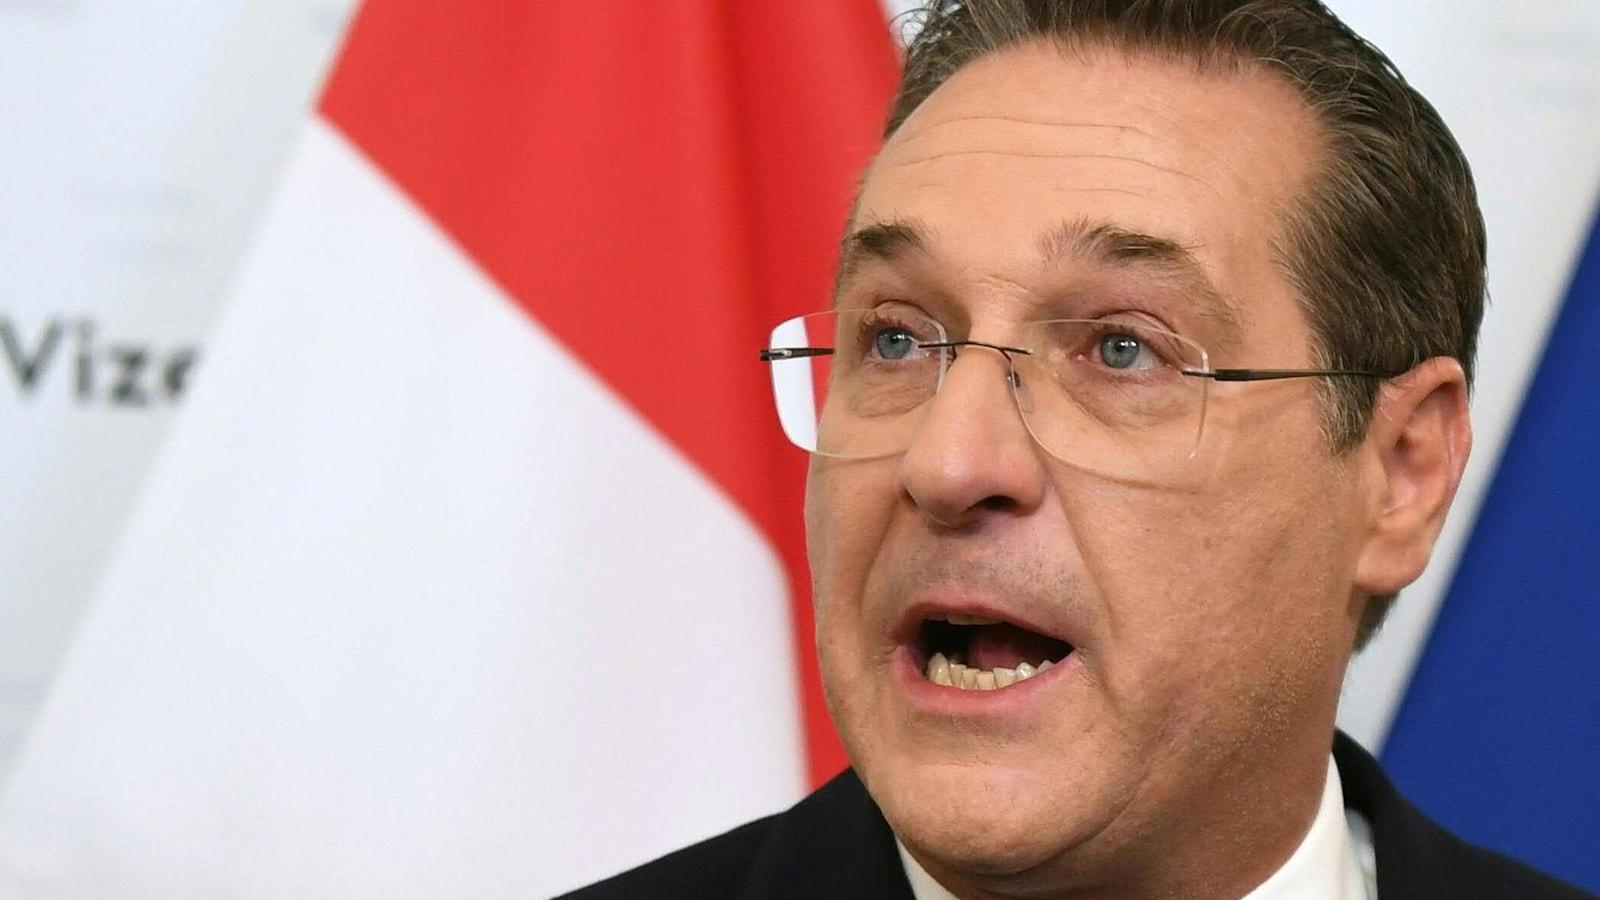 Démission du chef de l'extrême droite autrichienne, piégé par une caméra cachée